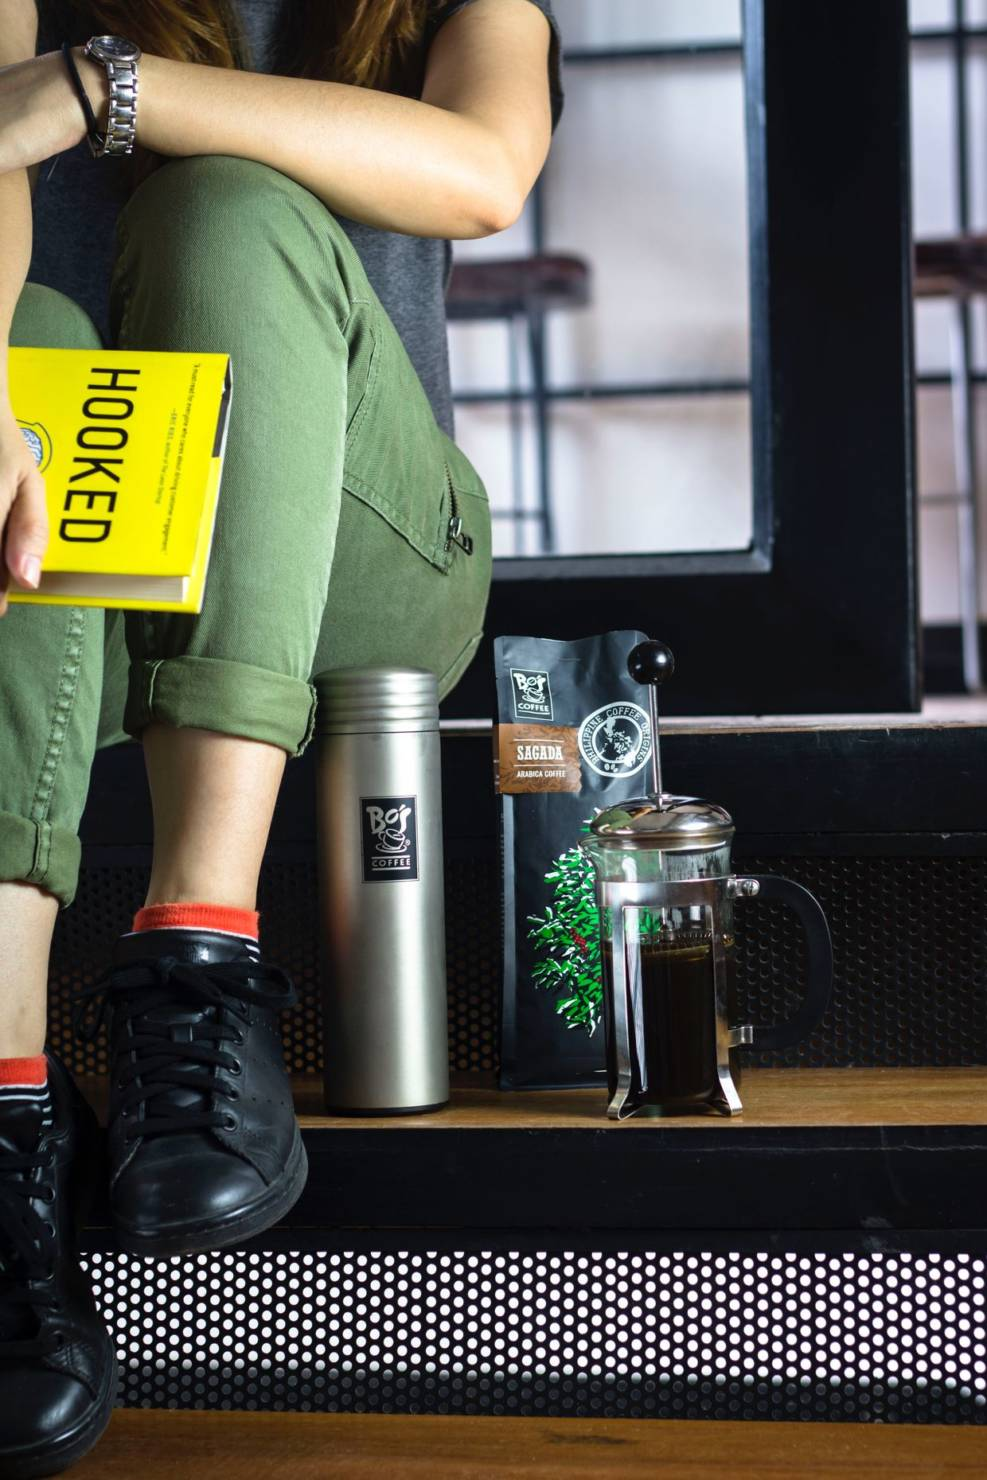 съедобные стаканчики, кофе с собой, экологичные стаканчики, тамблер для кофе, термокружка для кофе, экологичные альтернативы, coffee to go, my cup please, nyam cup, cookie cup, dcw magazine